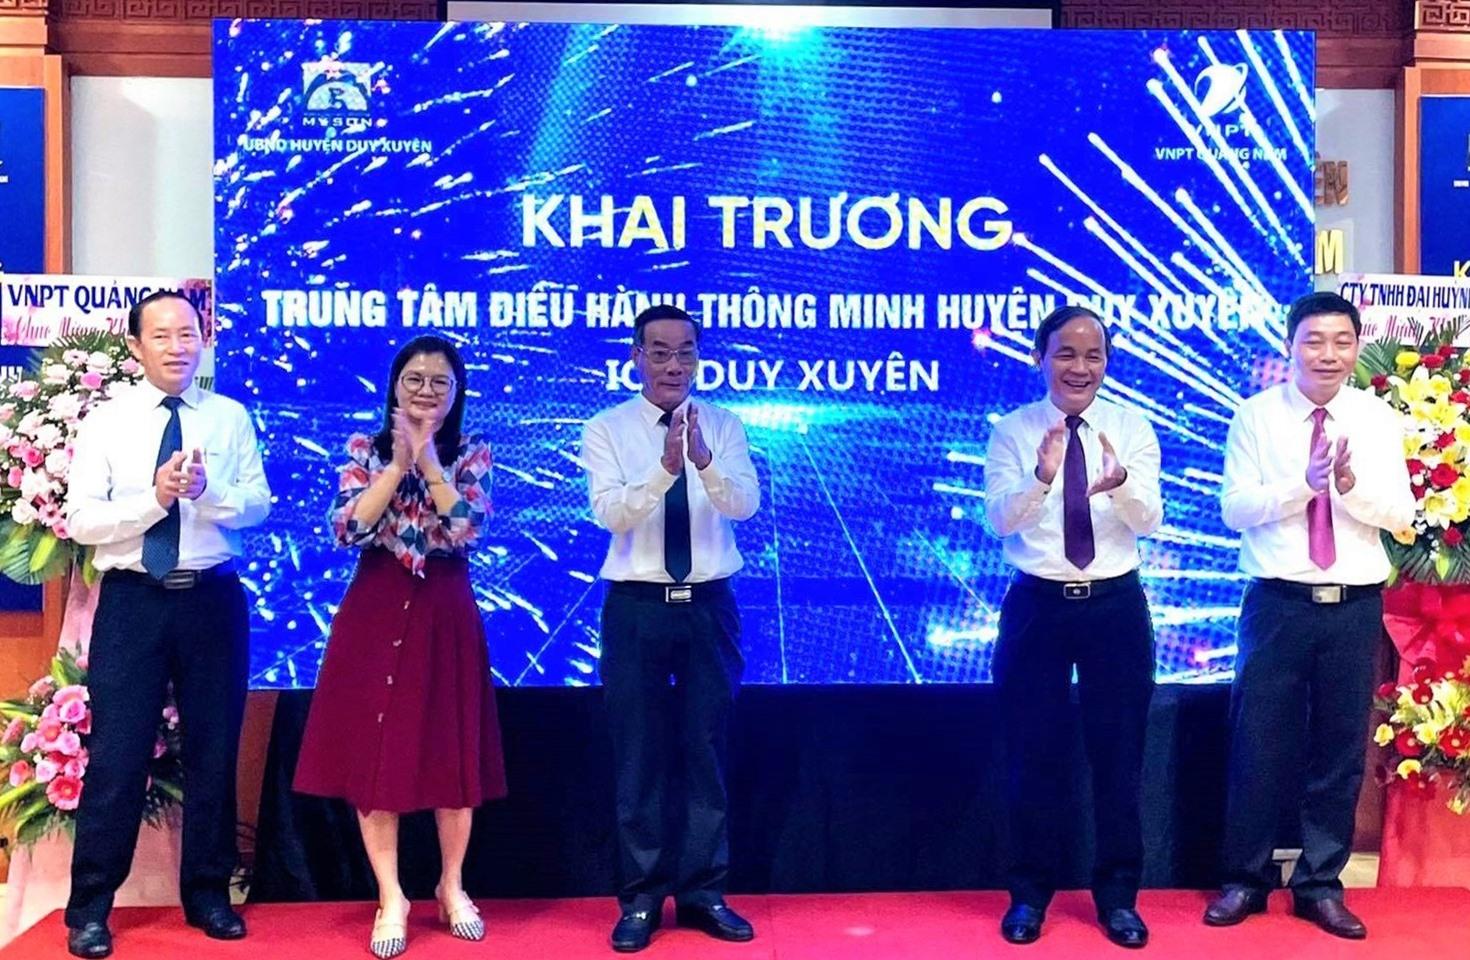 Các đại biểu lãnh đạo chúc mừng khai trương Trung tâm Điều hành thông minh huyện Duy Xuyên. Ảnh: Đ.T